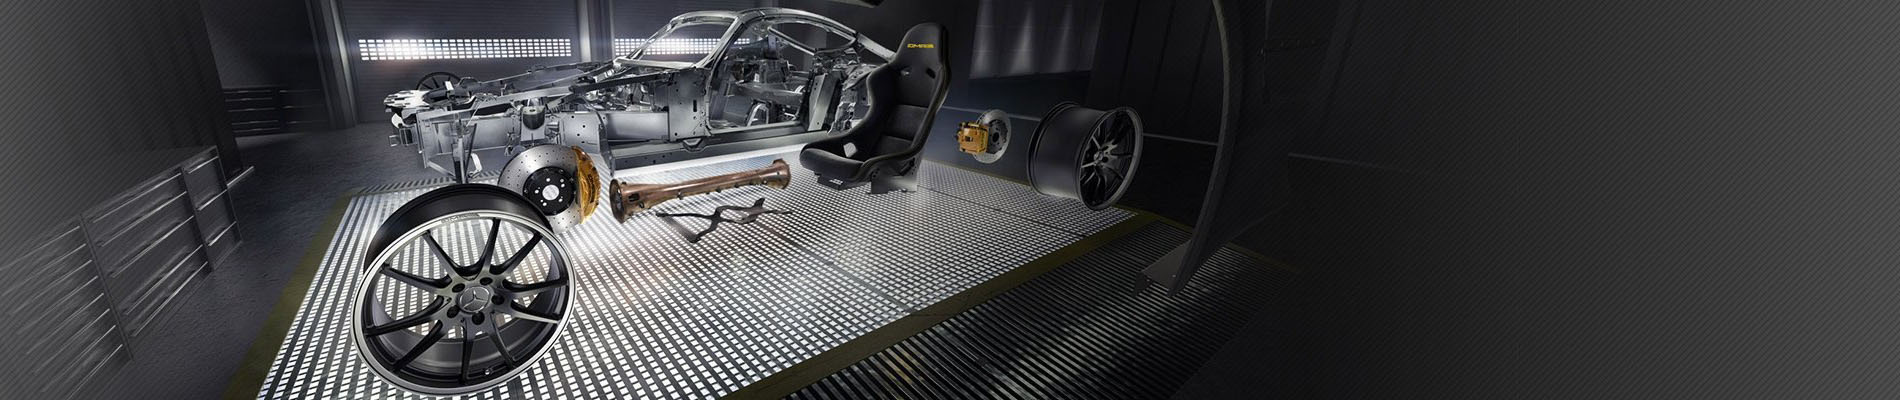 качественное топливо для авто